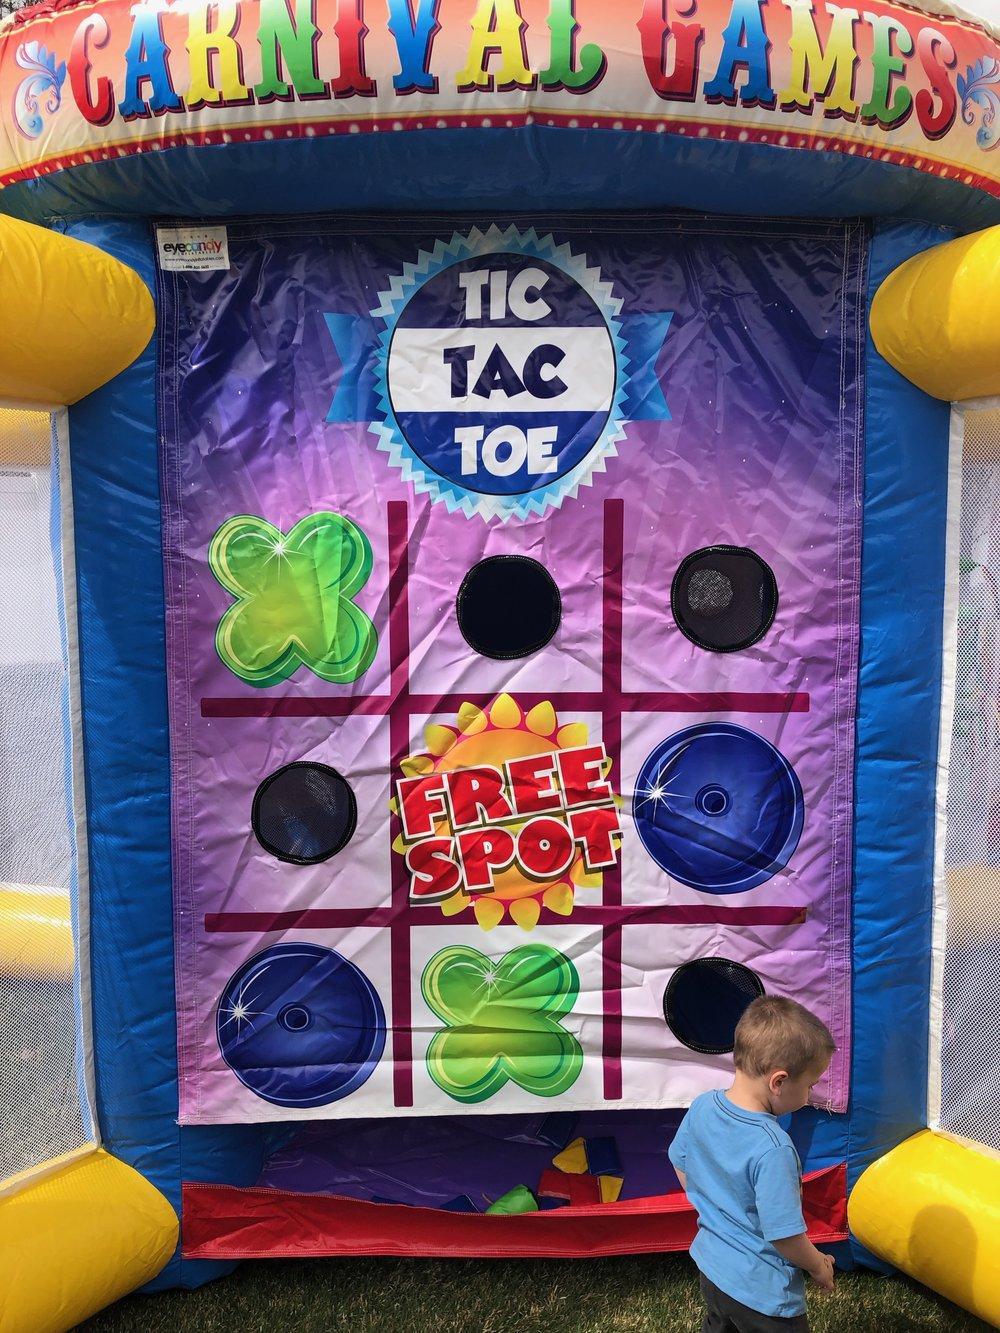 Inflat Tic Tac Toe.jpeg